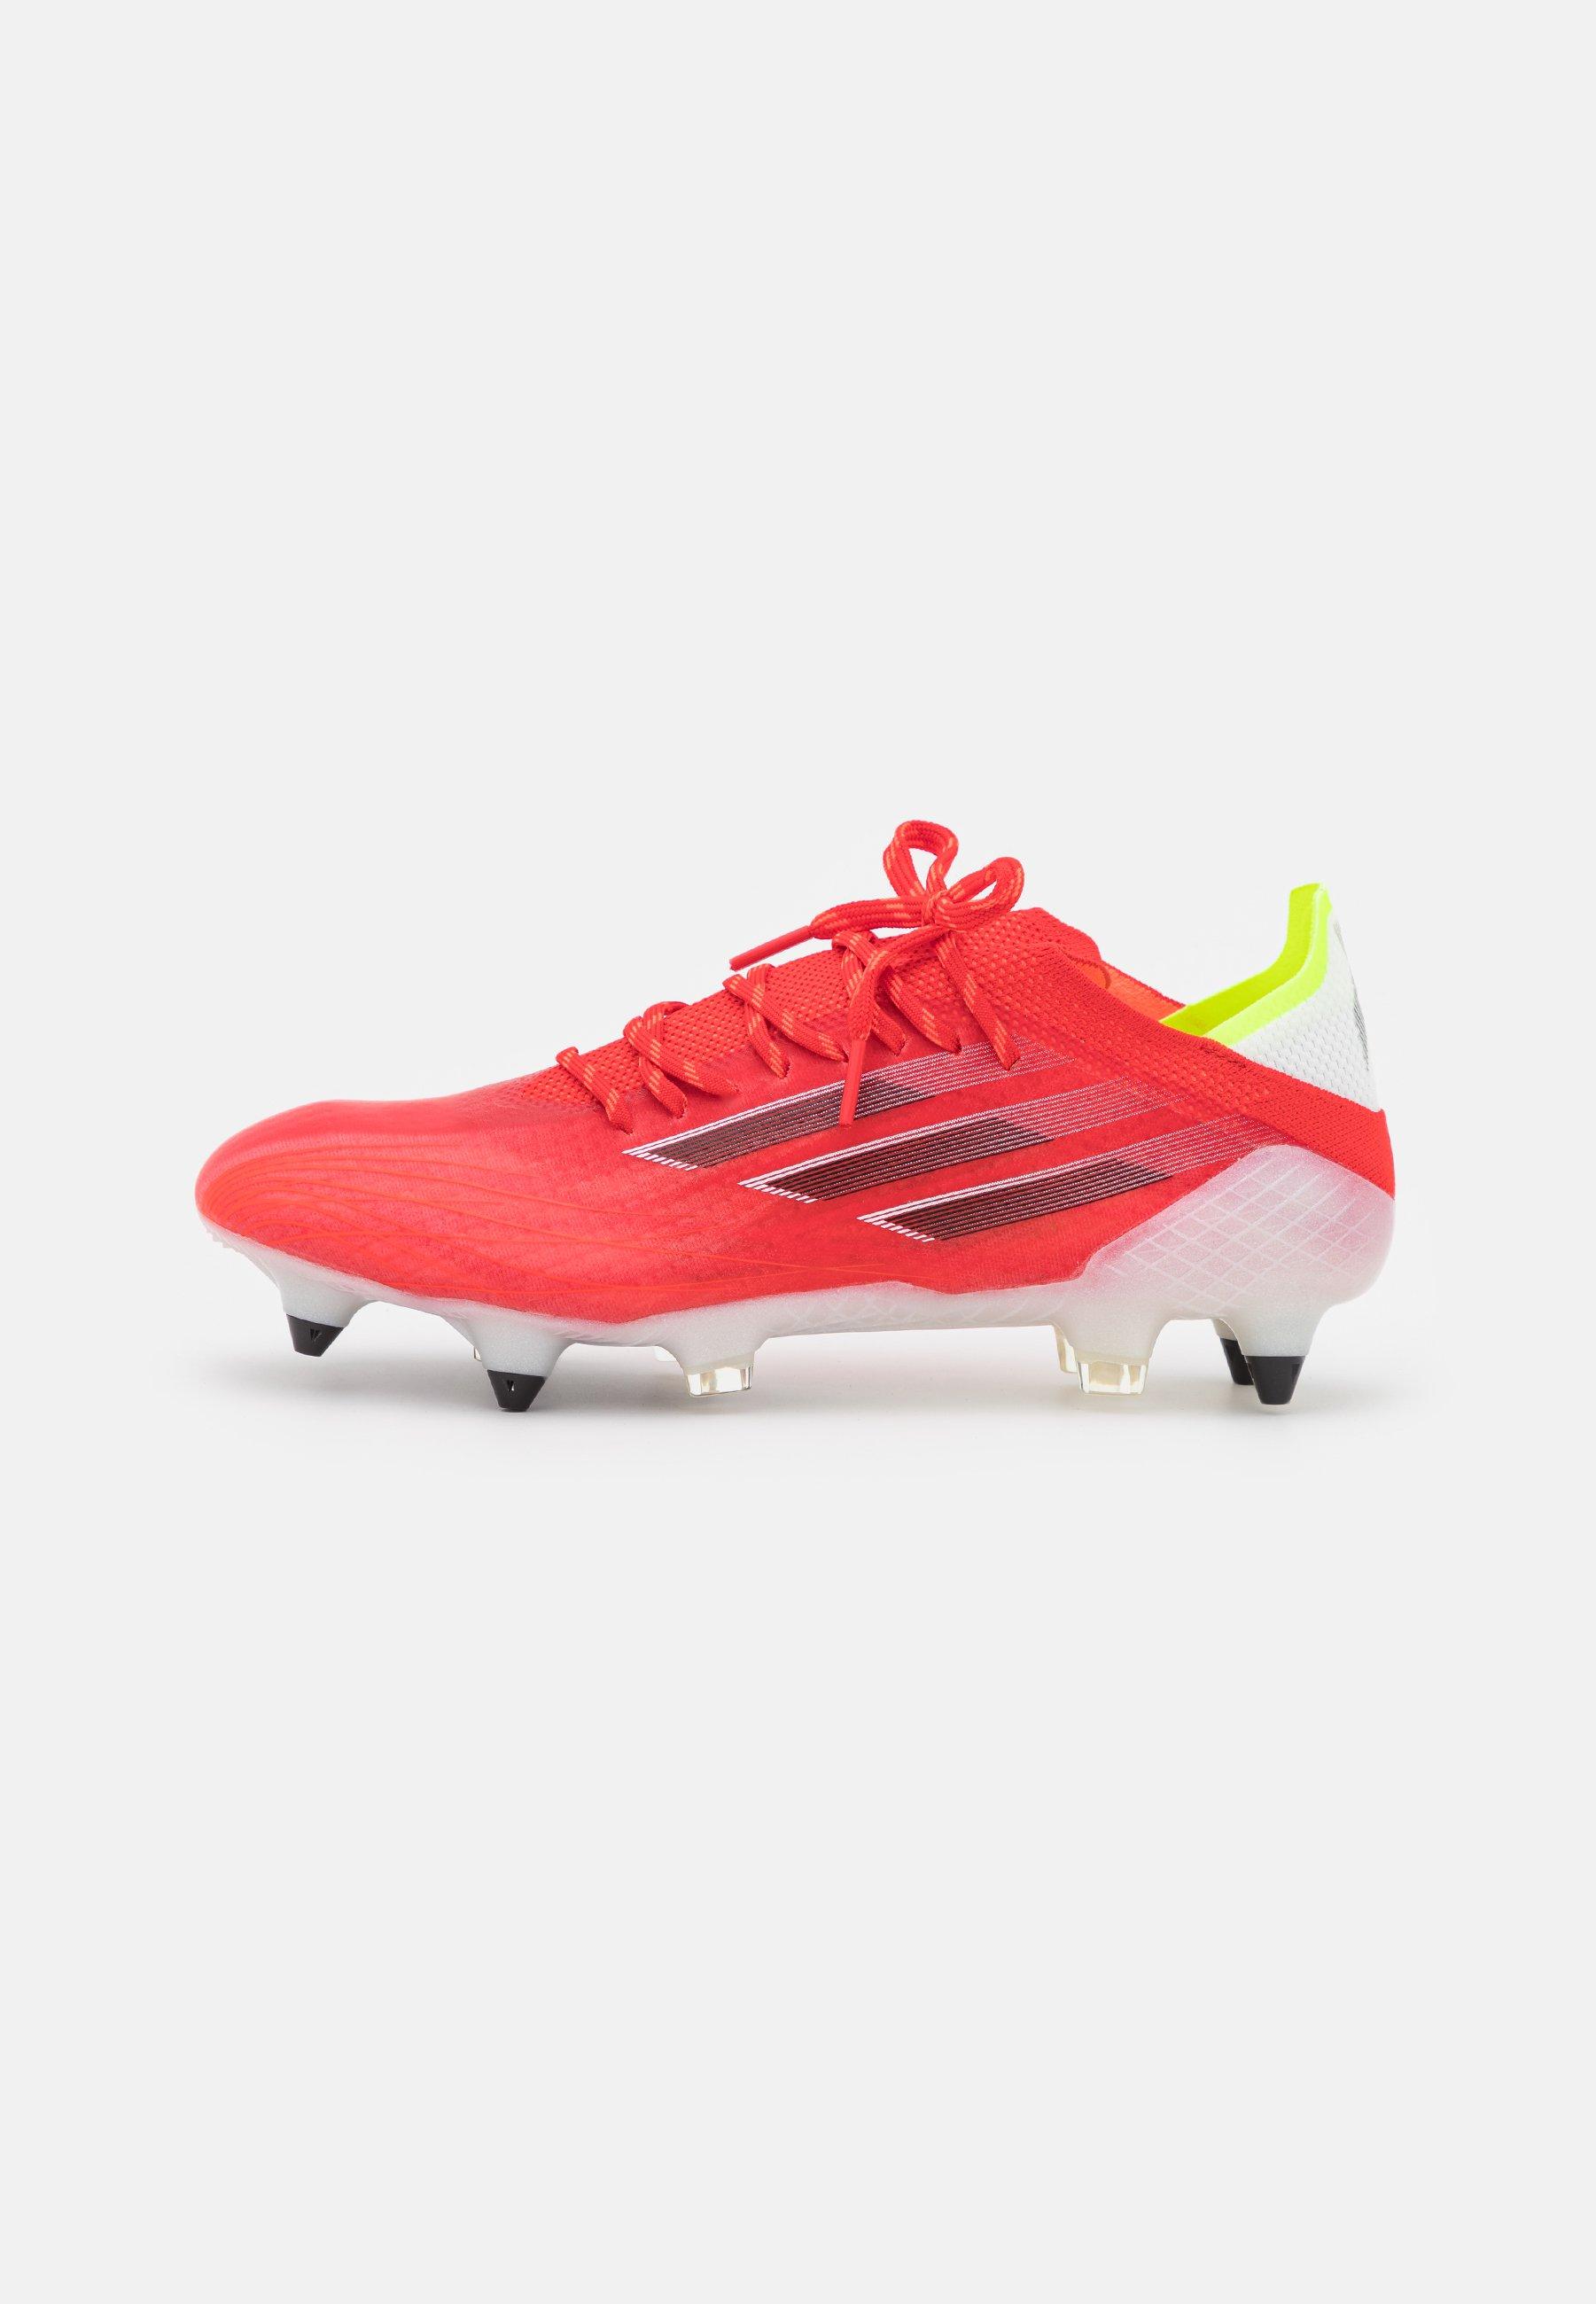 Homme X SPEEDFLOW.1 SG - Chaussures de foot à lamelles